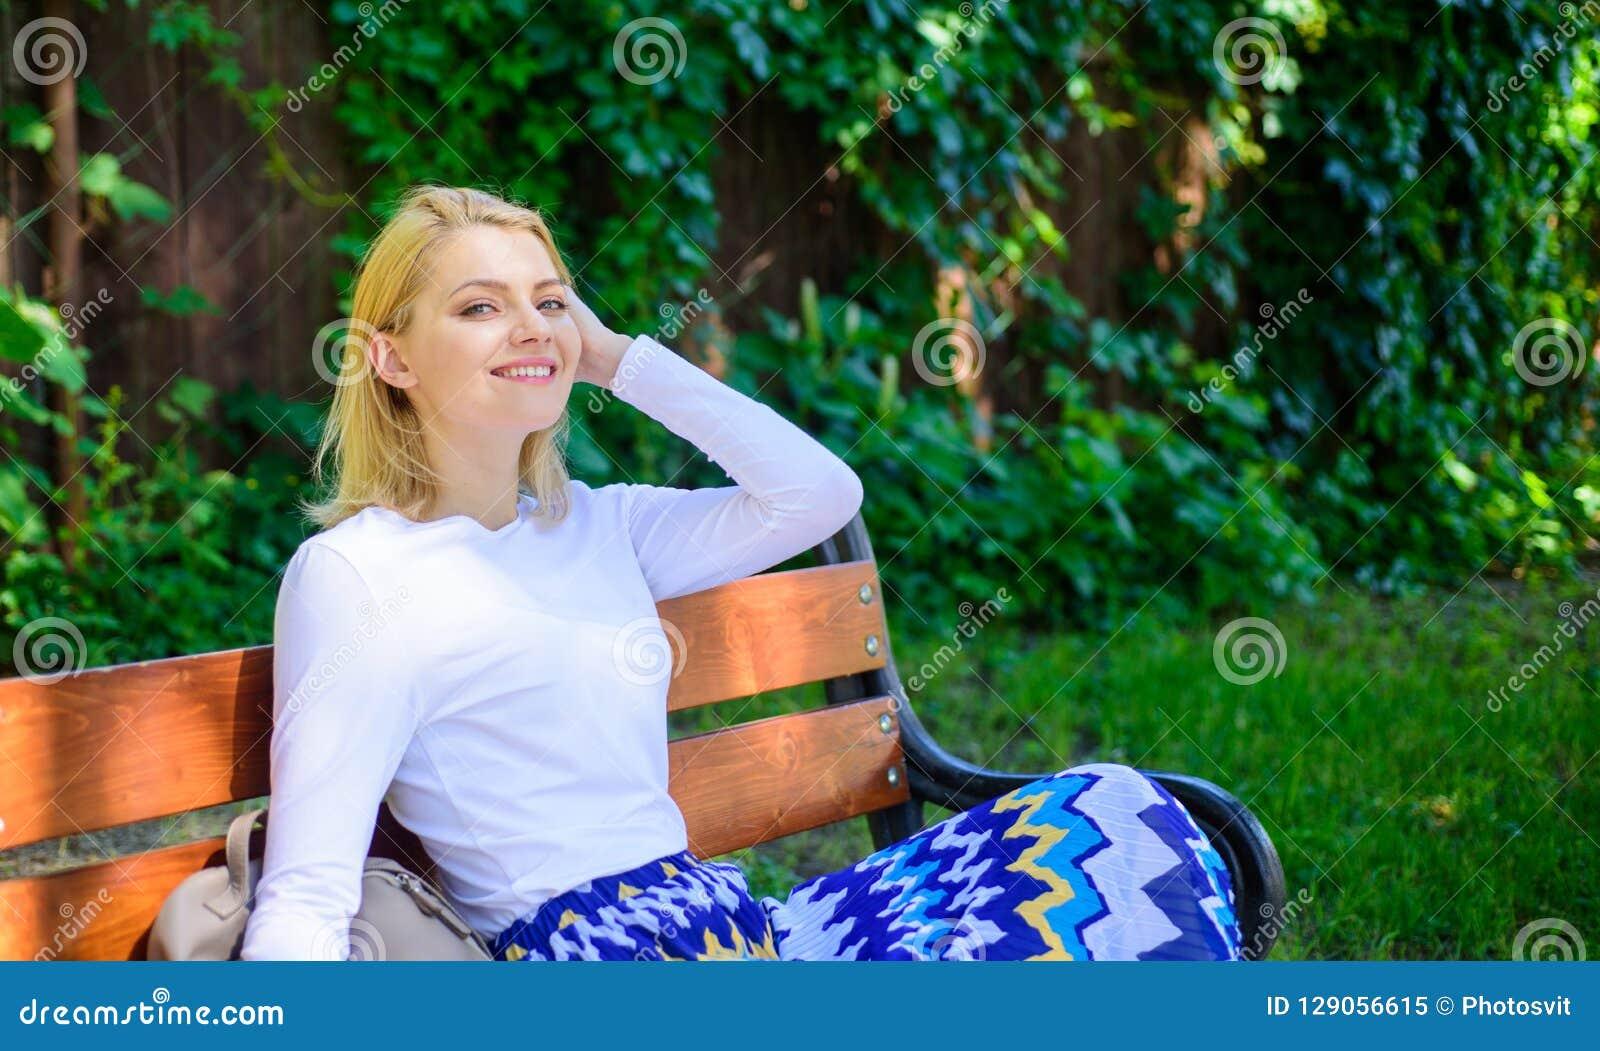 Czuć swobodnie i relaksujący Kobiety blondynki wp8lywy przerwa relaksuje w parku Dlaczego ty zasługujesz przerwę Sposoby ono dawa